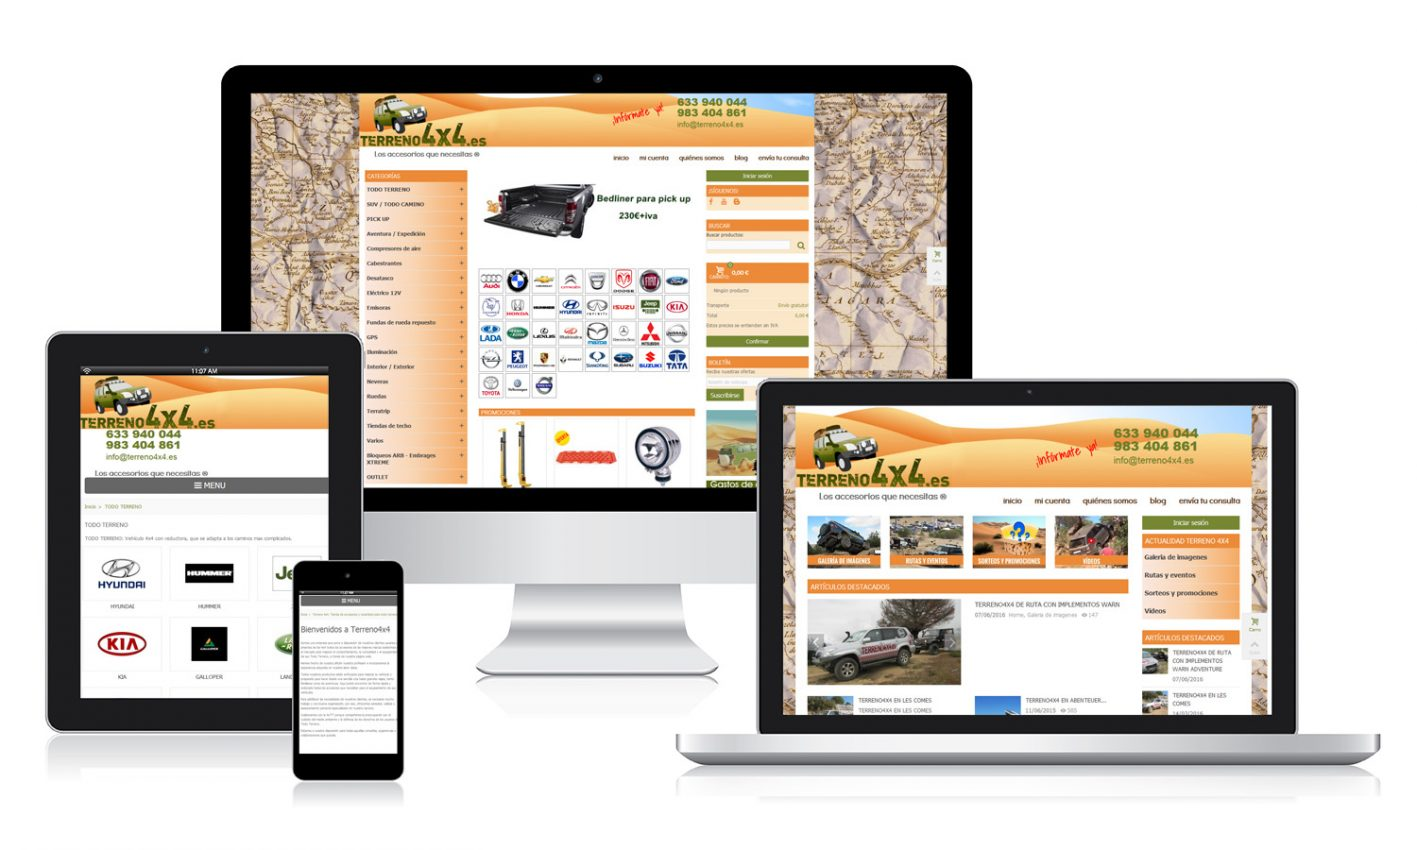 Desarrollo página web para Terreno 4x4